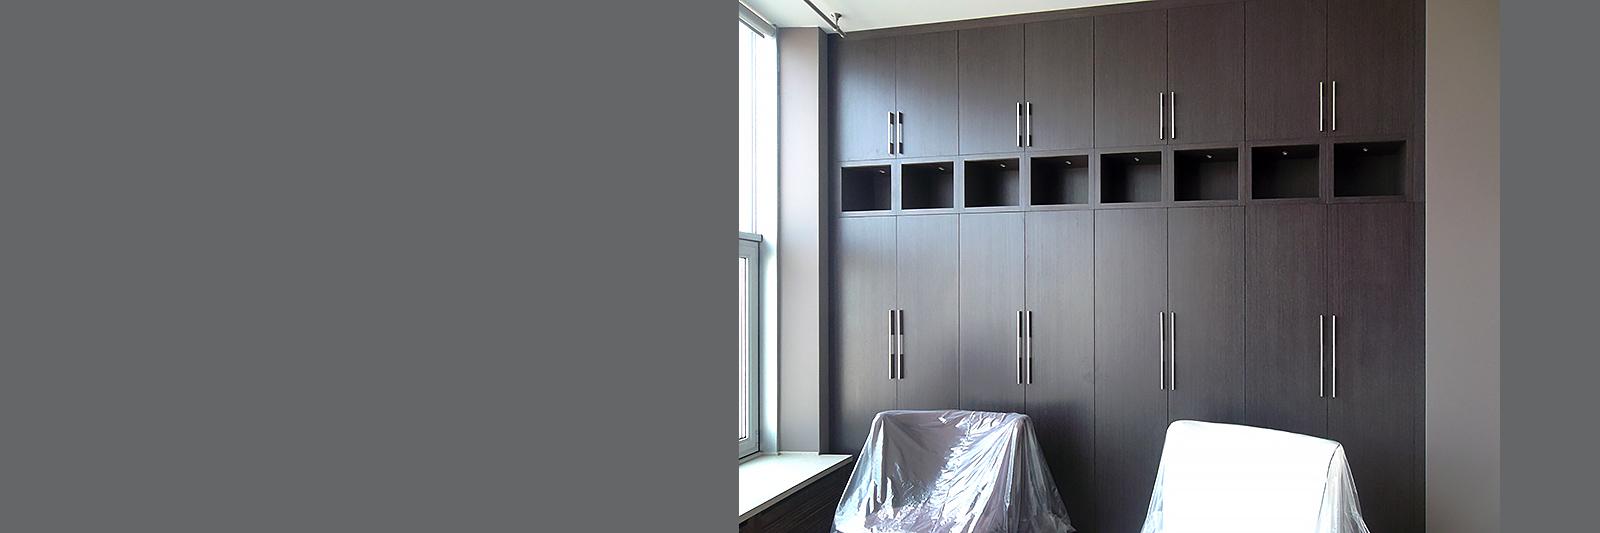 Распашные шкафы на заказ по индивидуальным размерам из ламинированной ДСП